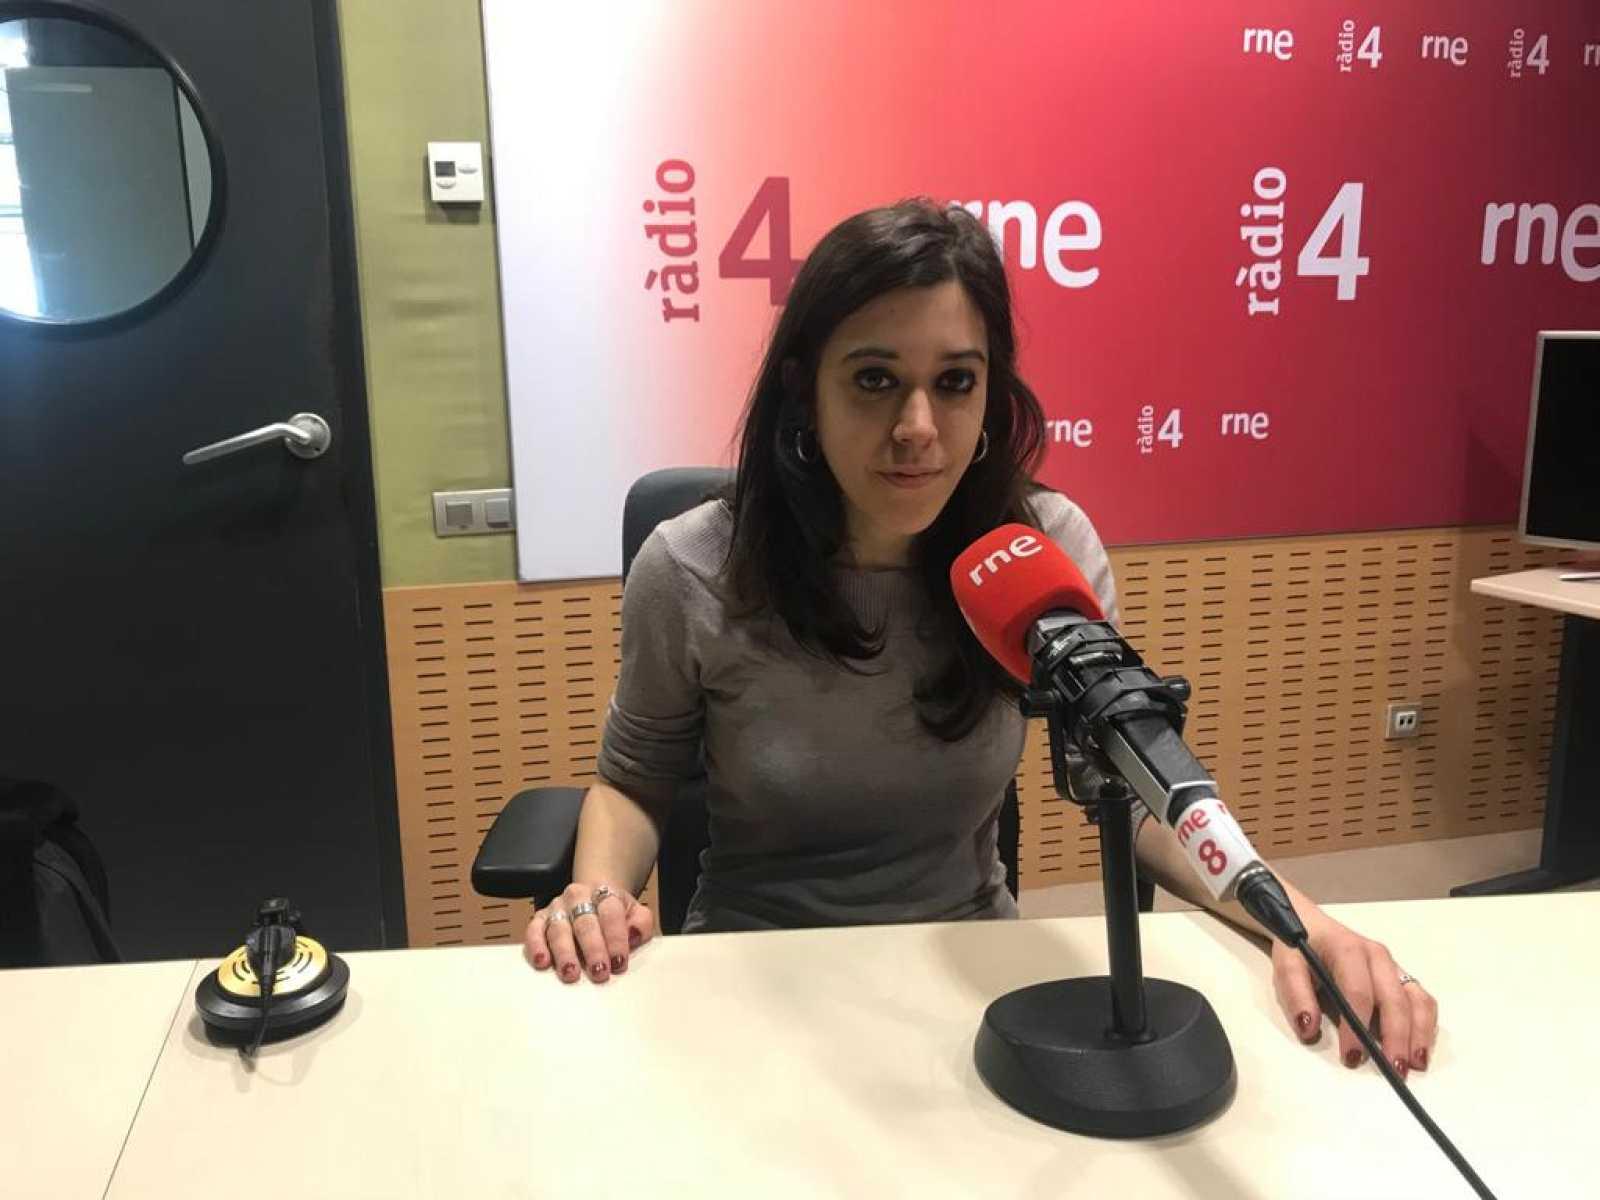 El matí a Ràdio 4 - Entrevista Anna Saliente, candidata per la CUP a l'Alcaldia de Barcelona